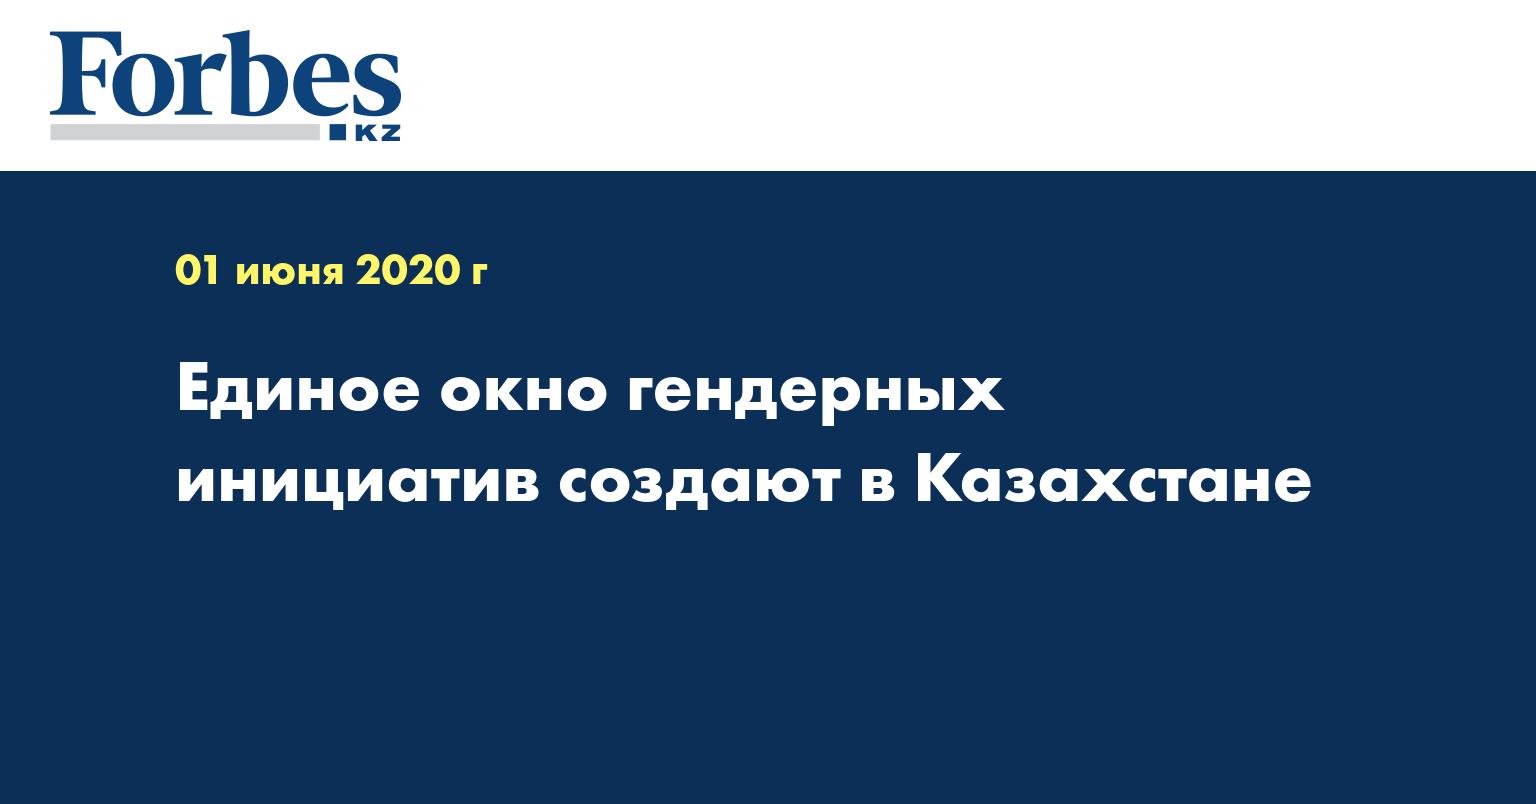 Единое окно гендерных инициатив создают в Казахстане